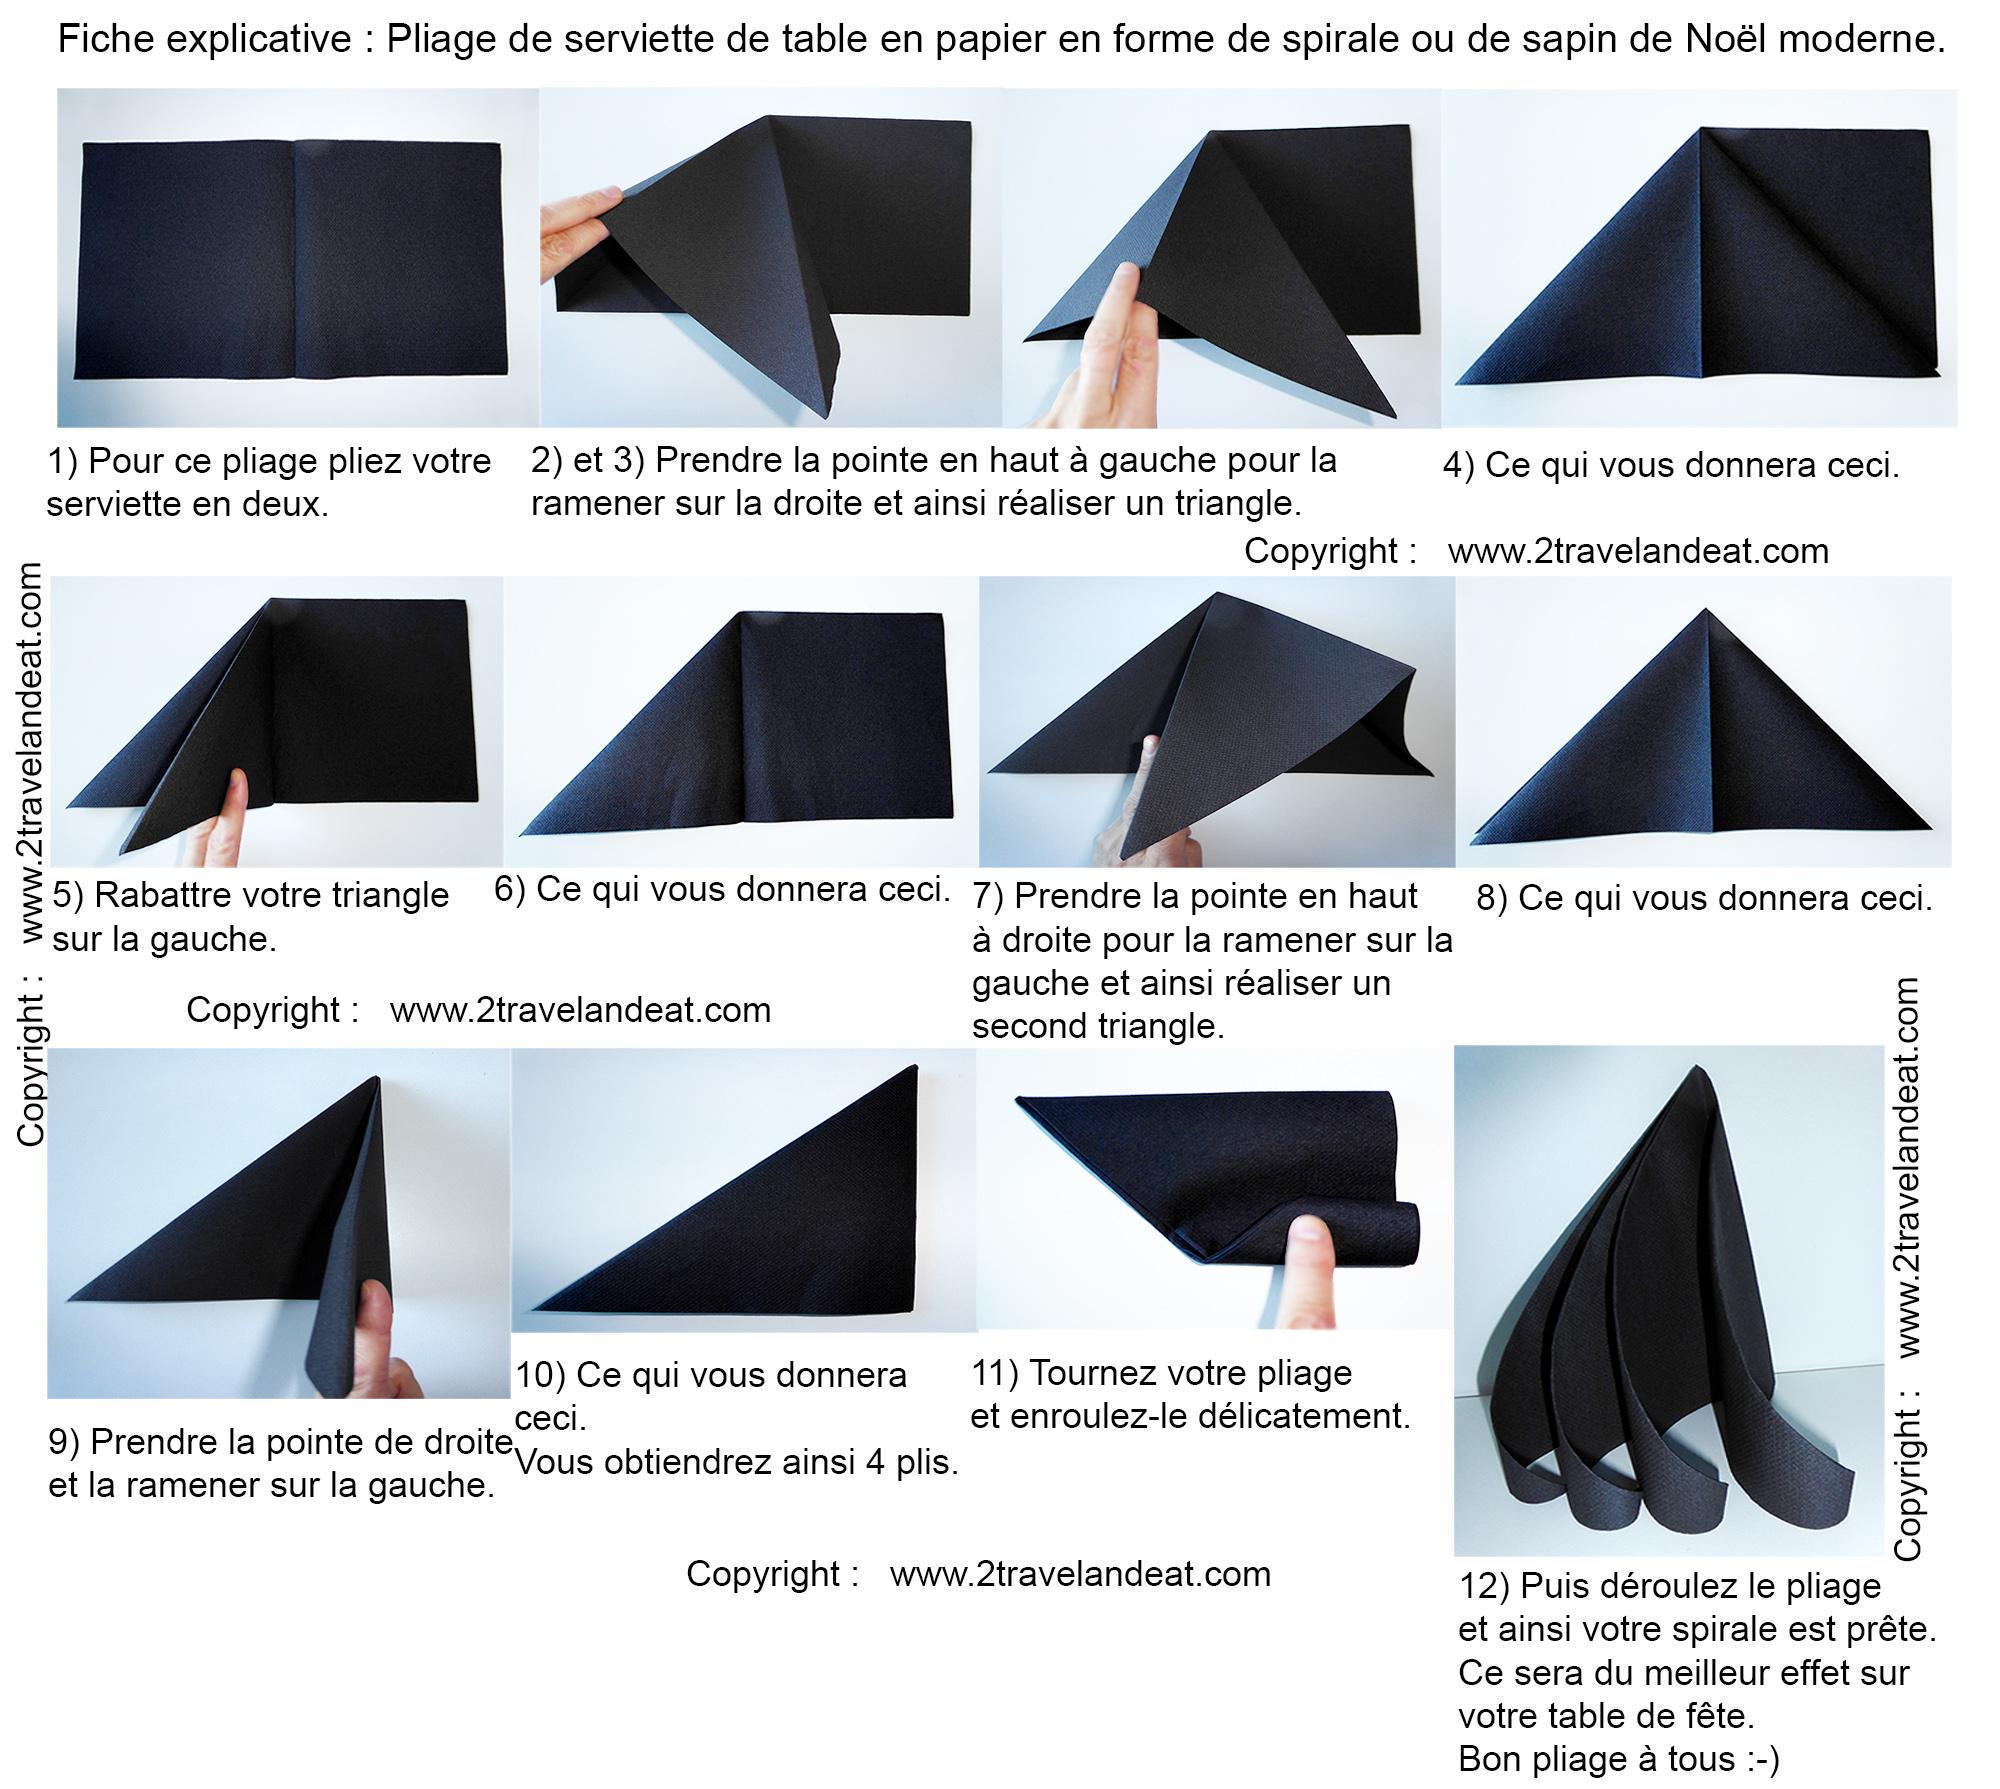 Pliage de serviette de table en forme de spirale ou de sapin de no l moderne - L art de plier les serviettes de table ...